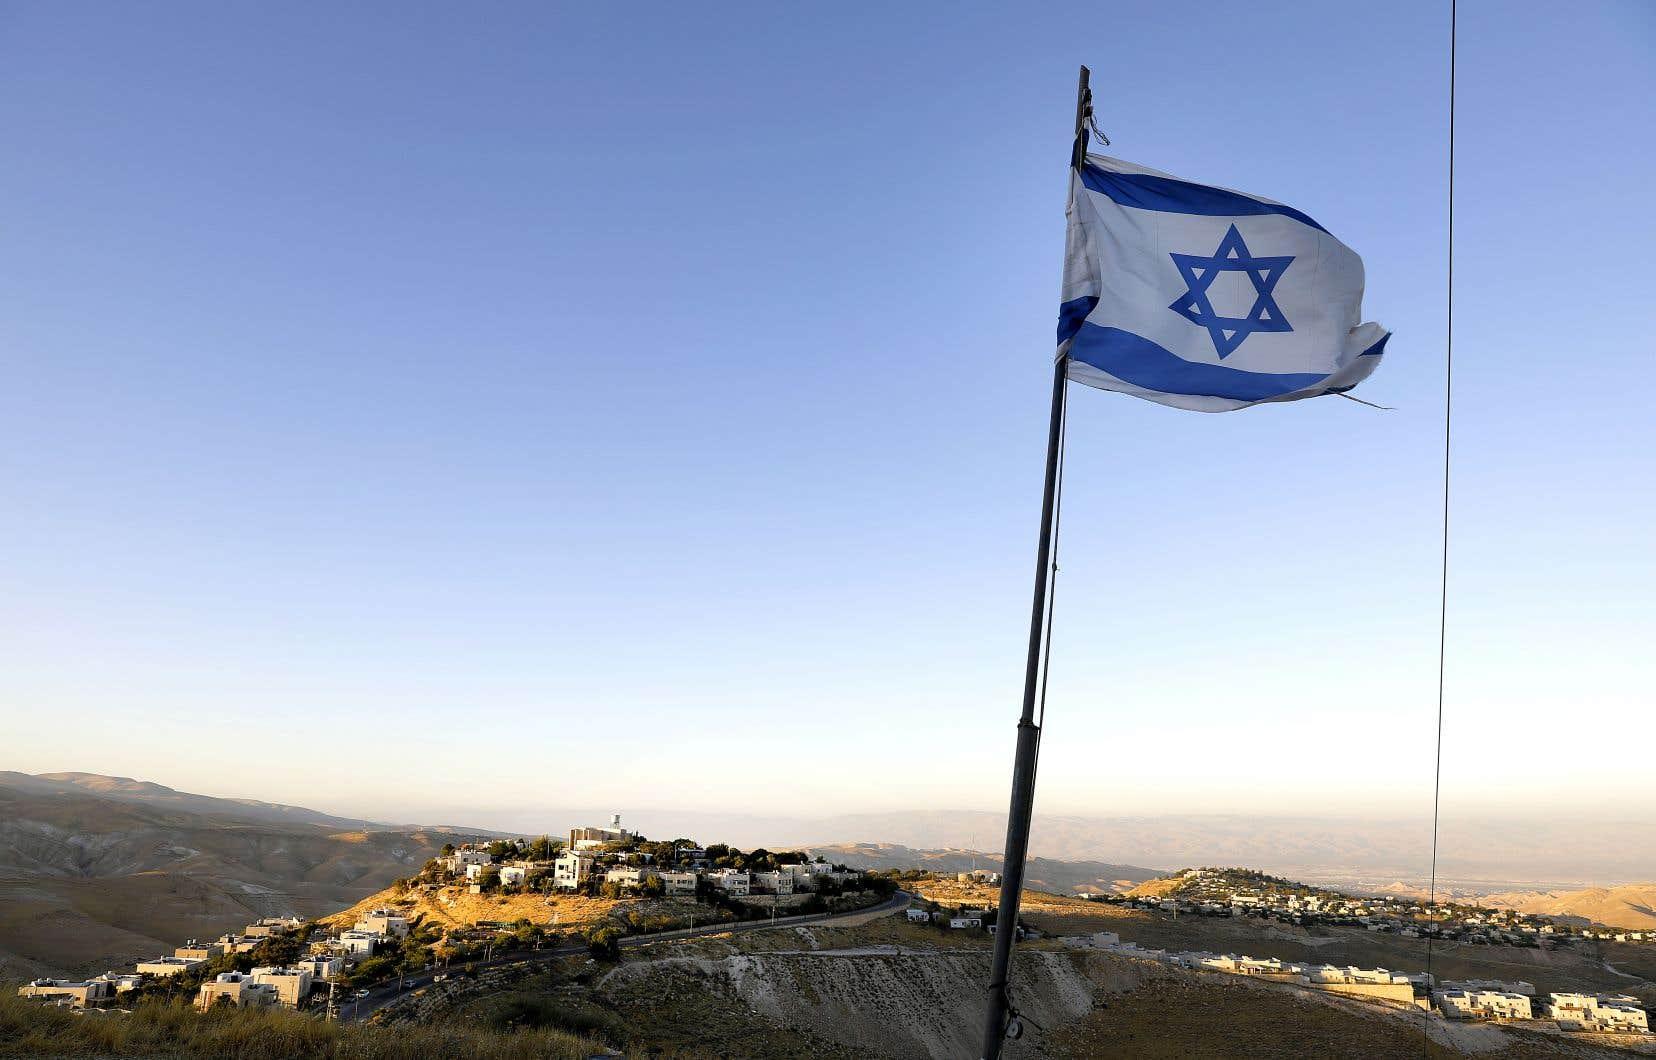 L'annexion ferait bouger les «frontières» d'Israël, au risque d'un nouveau conflit.